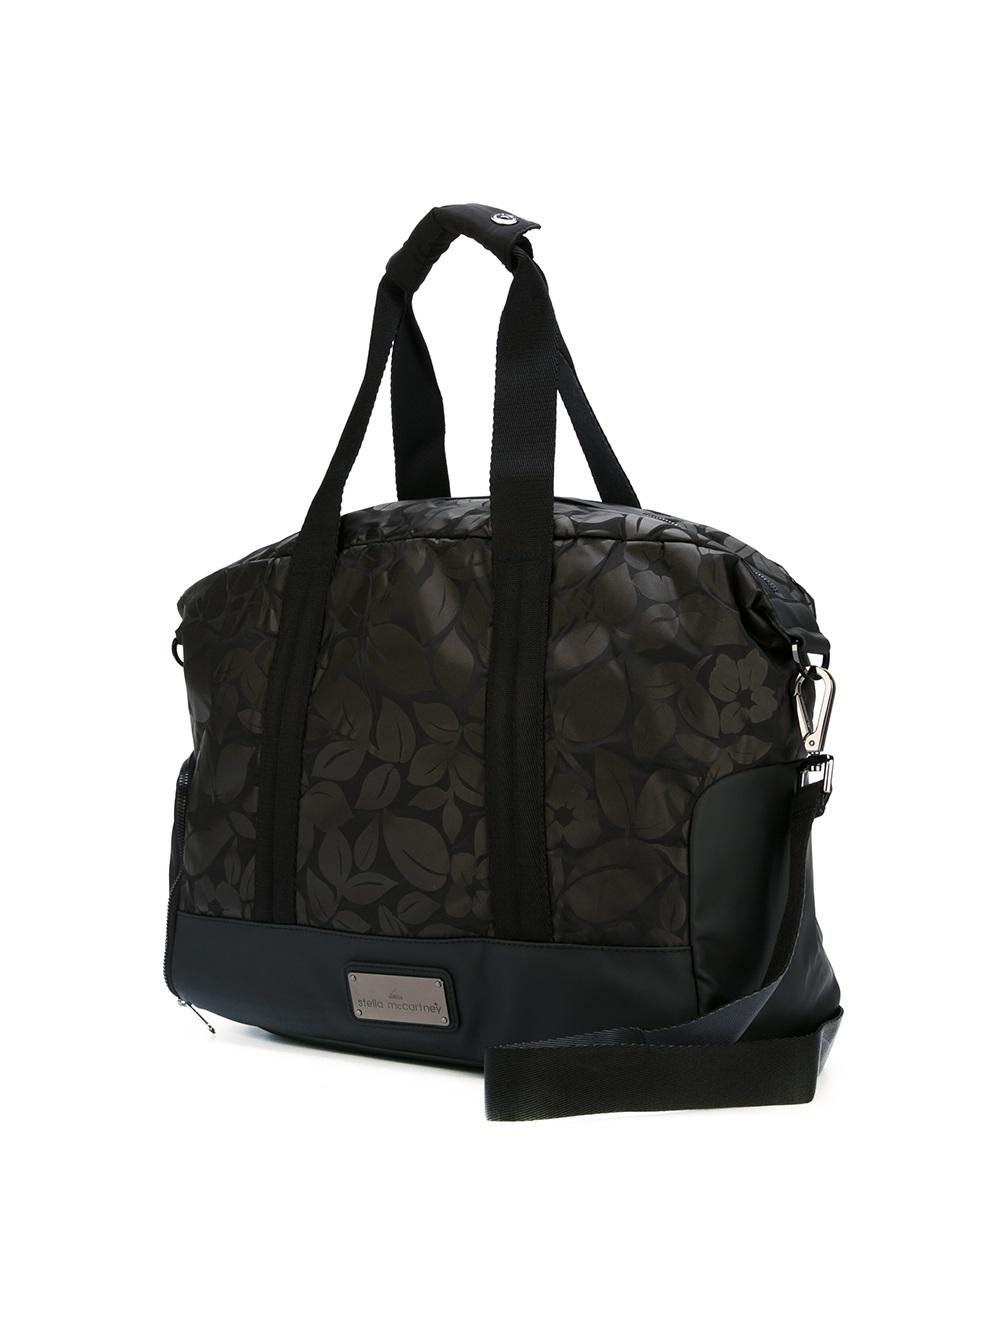 Adidas By Stella Mccartney Small Gym Bag In Brown Lyst